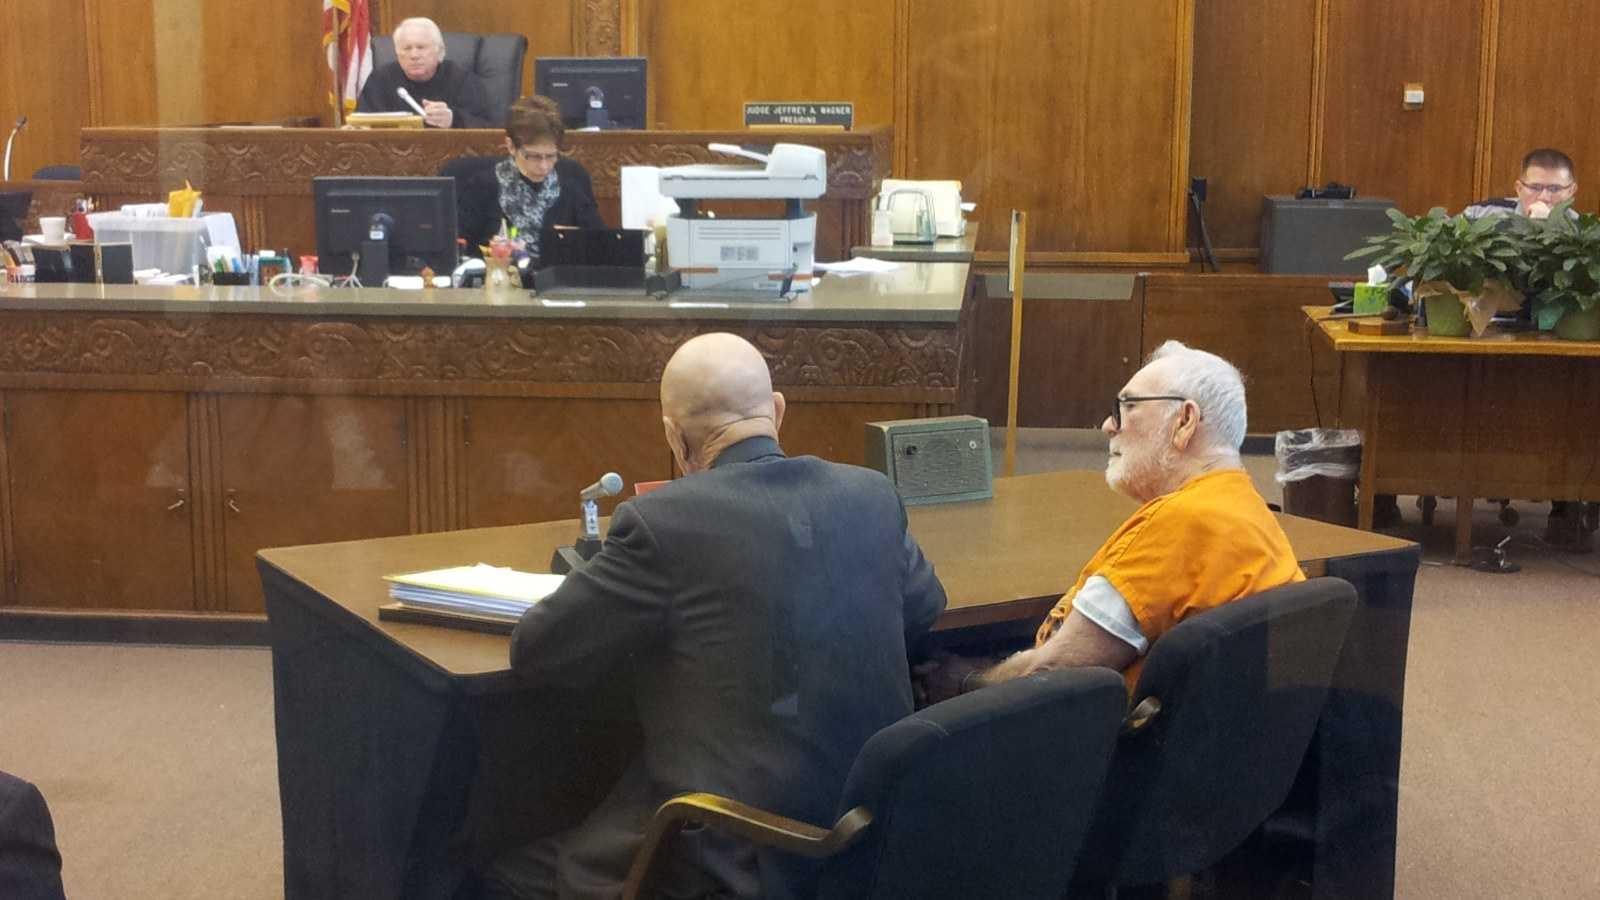 Spooner in court